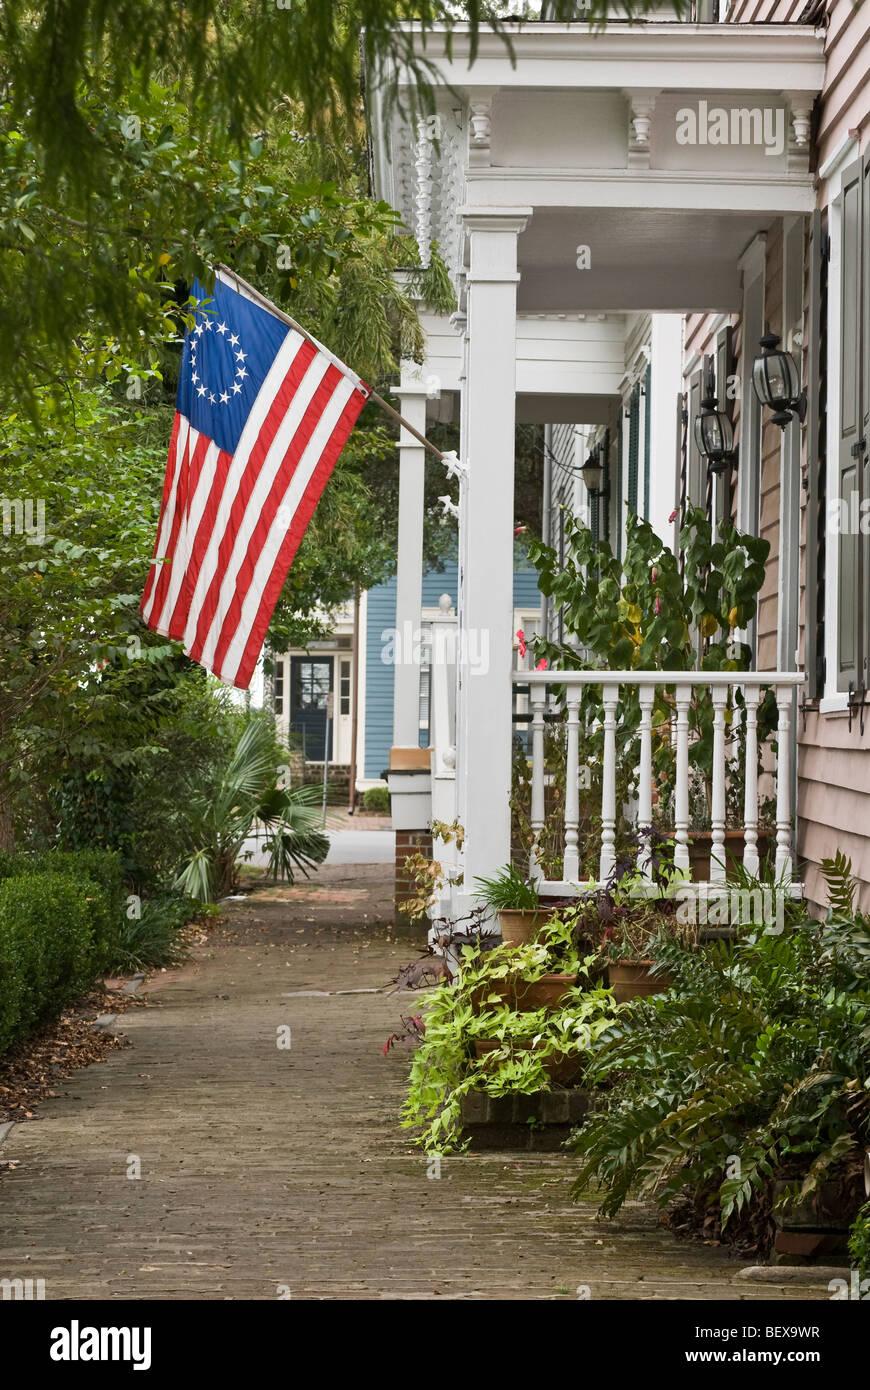 Le Porche De La Maison drapeau américain sur le porche de la maison, savannah, georgia, usa